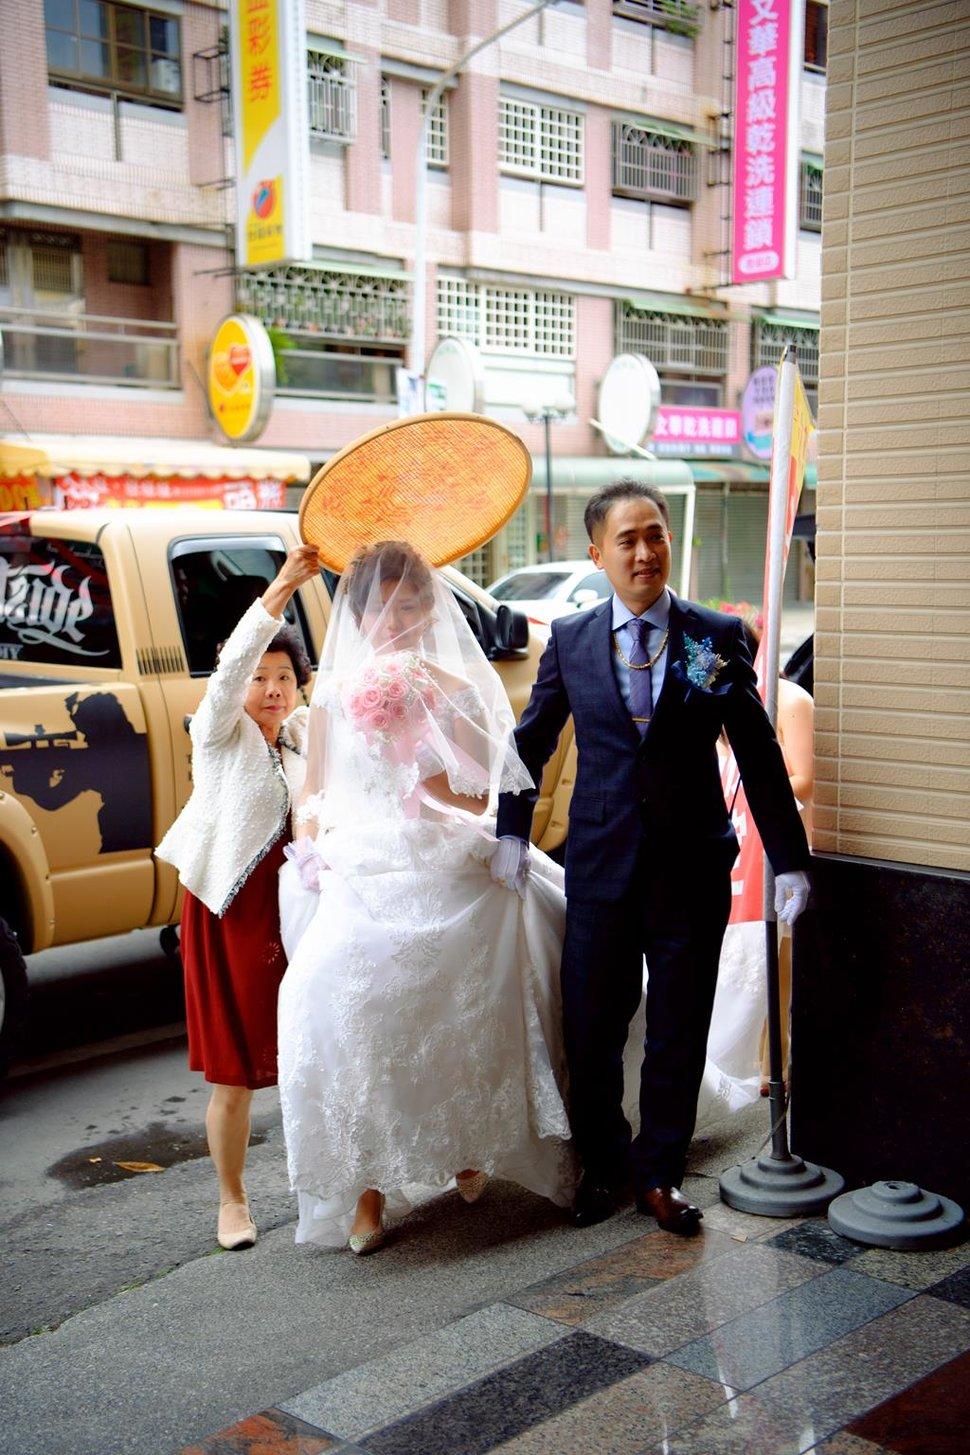 書孟&逸琳婚禮紀實-2-26 - Mr. Happiness 幸福先生 - 結婚吧